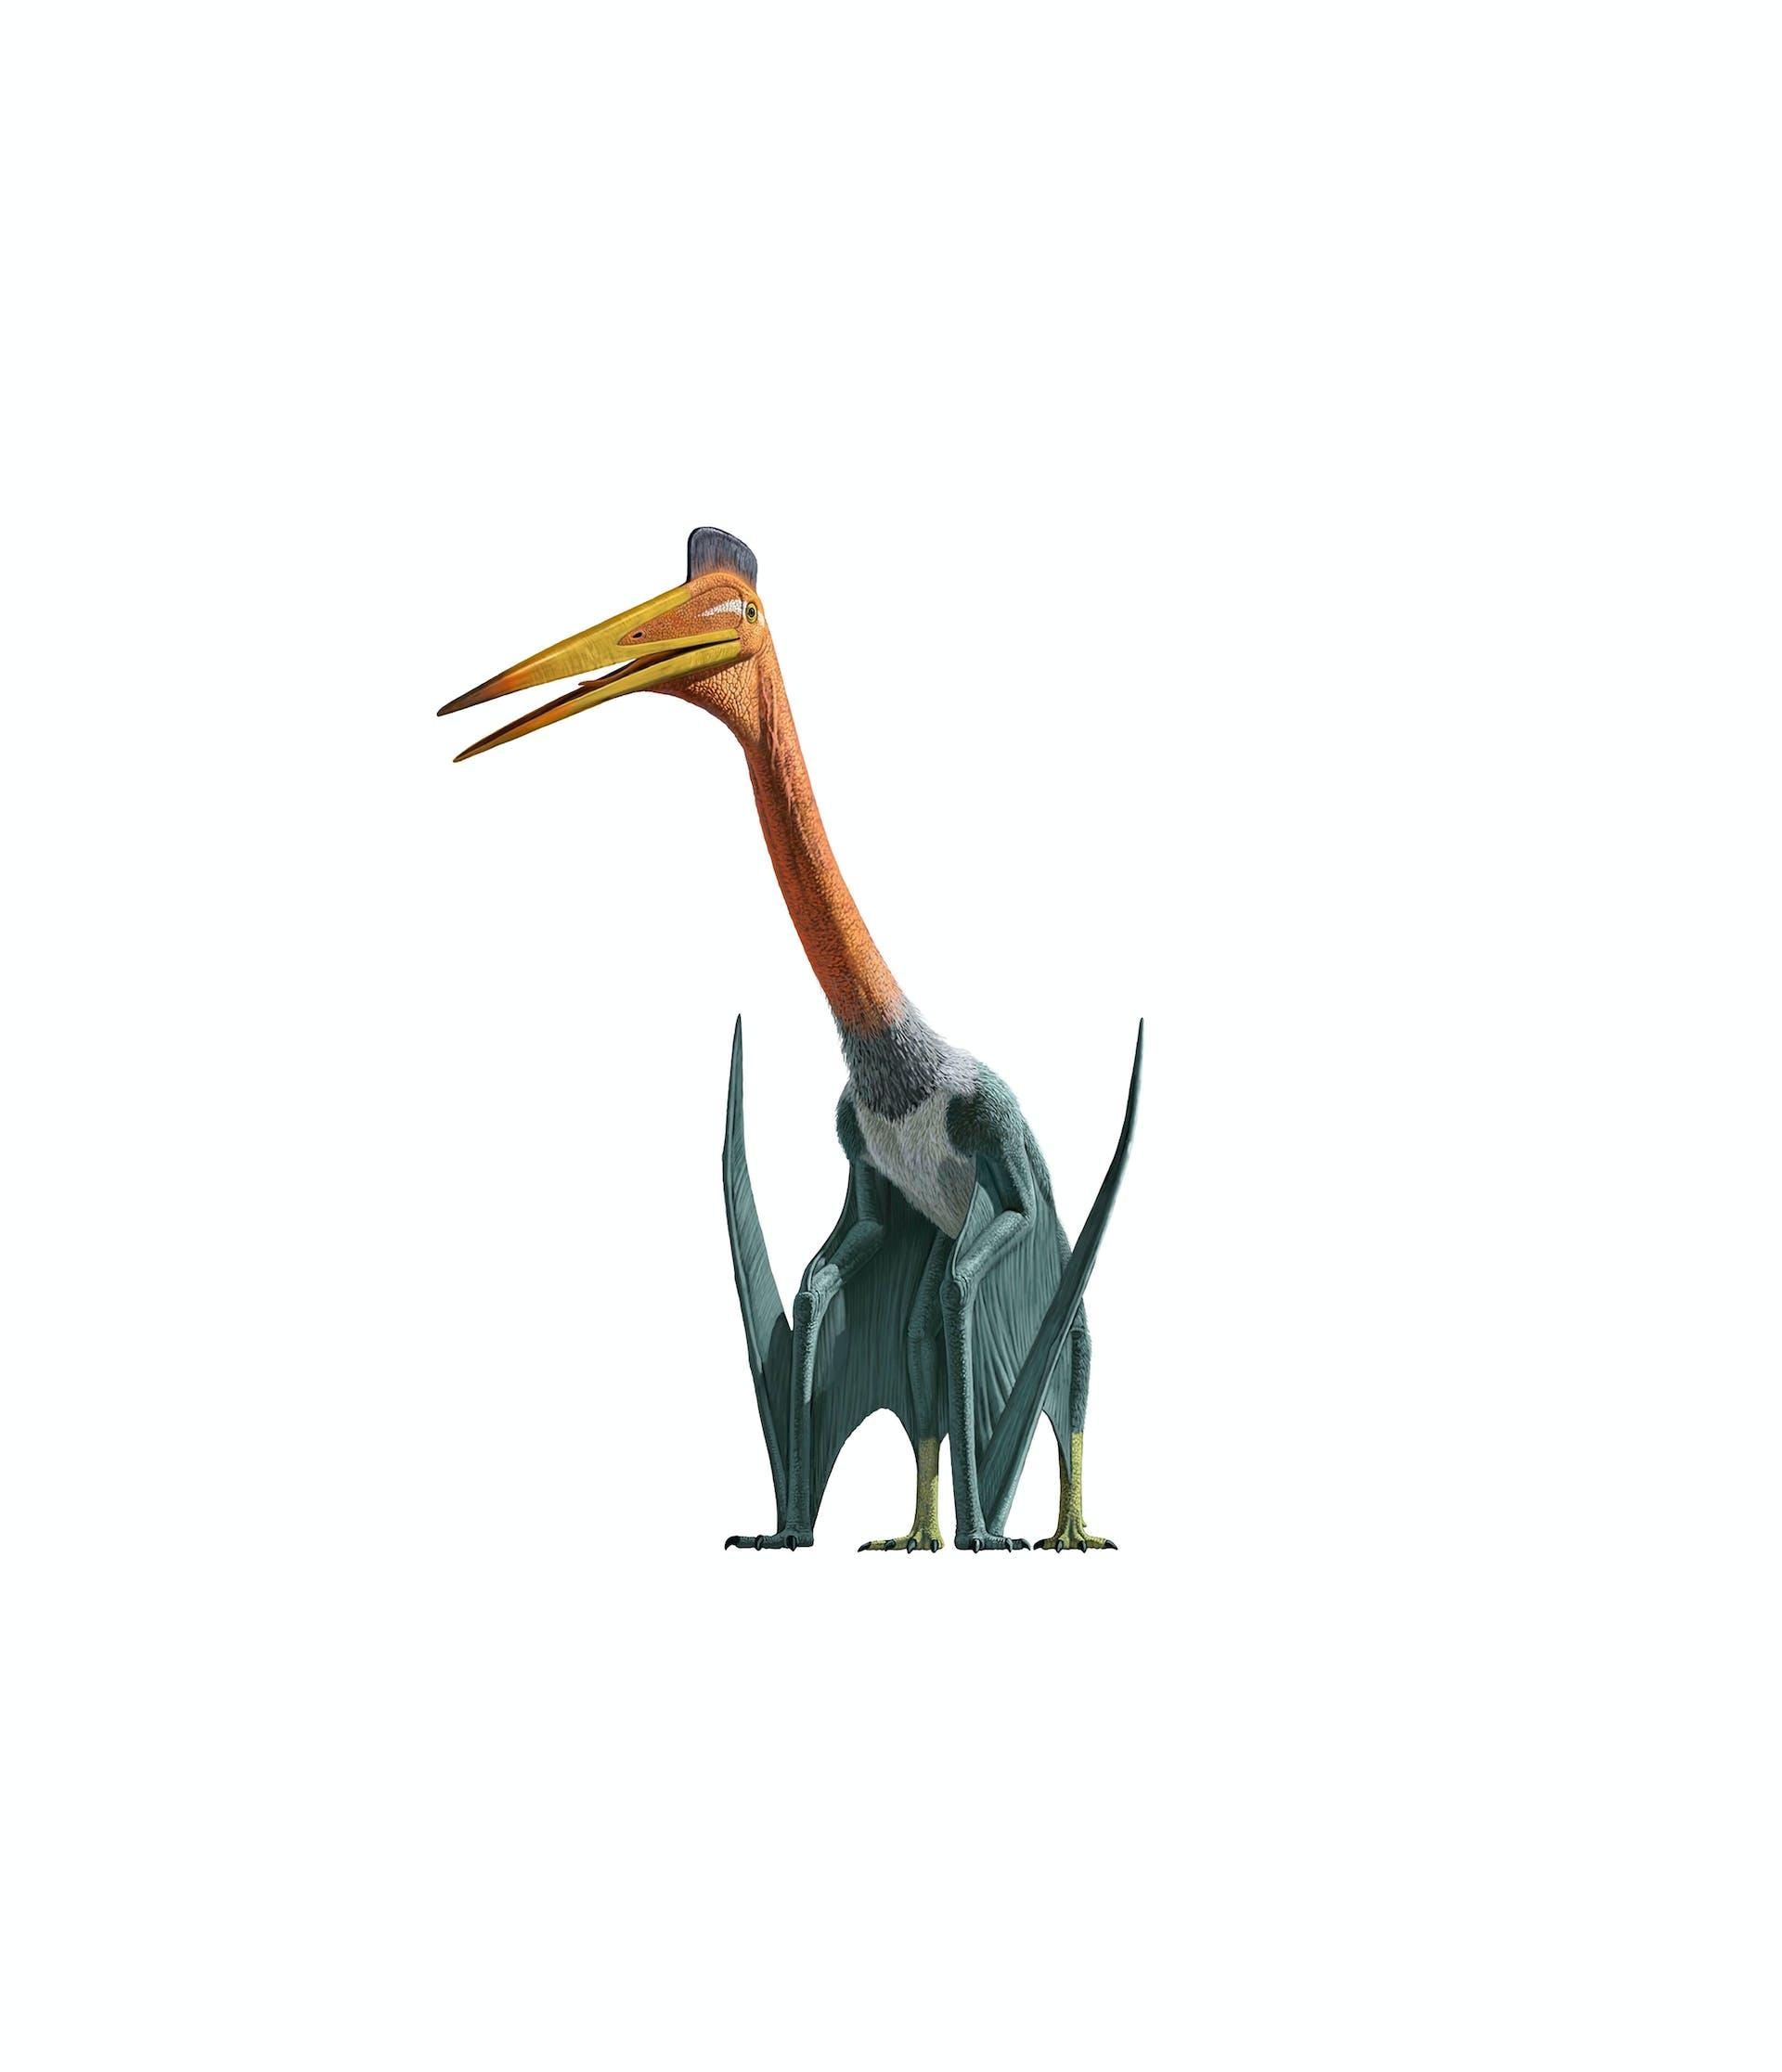 Quetzalcoatlus northropi, världshistoriens största flygande djur